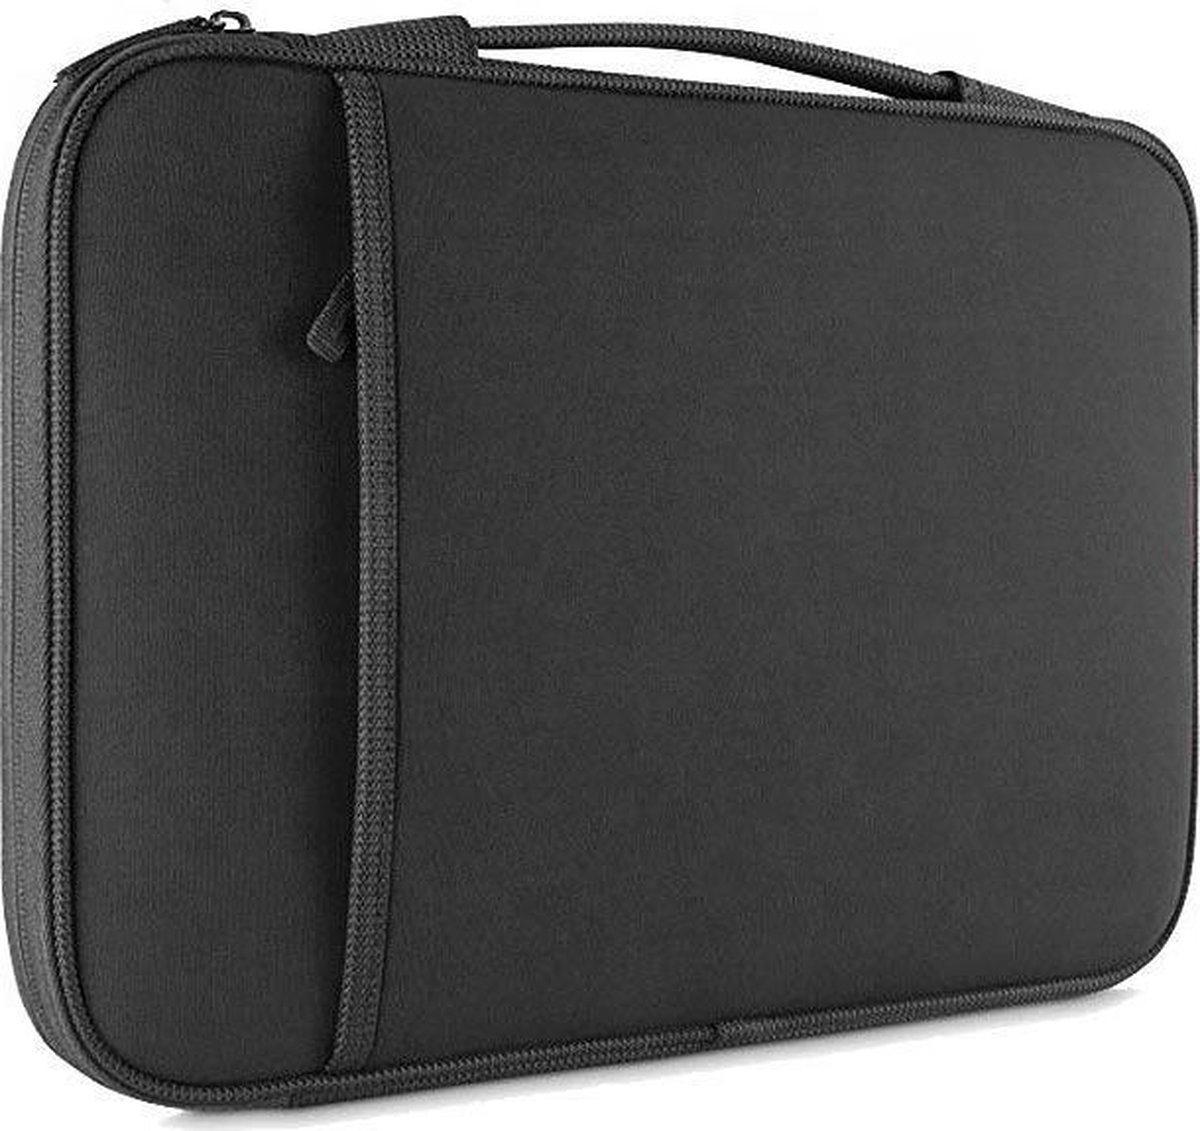 Laptoptas 15 6 inch van ZEDAR® kopen